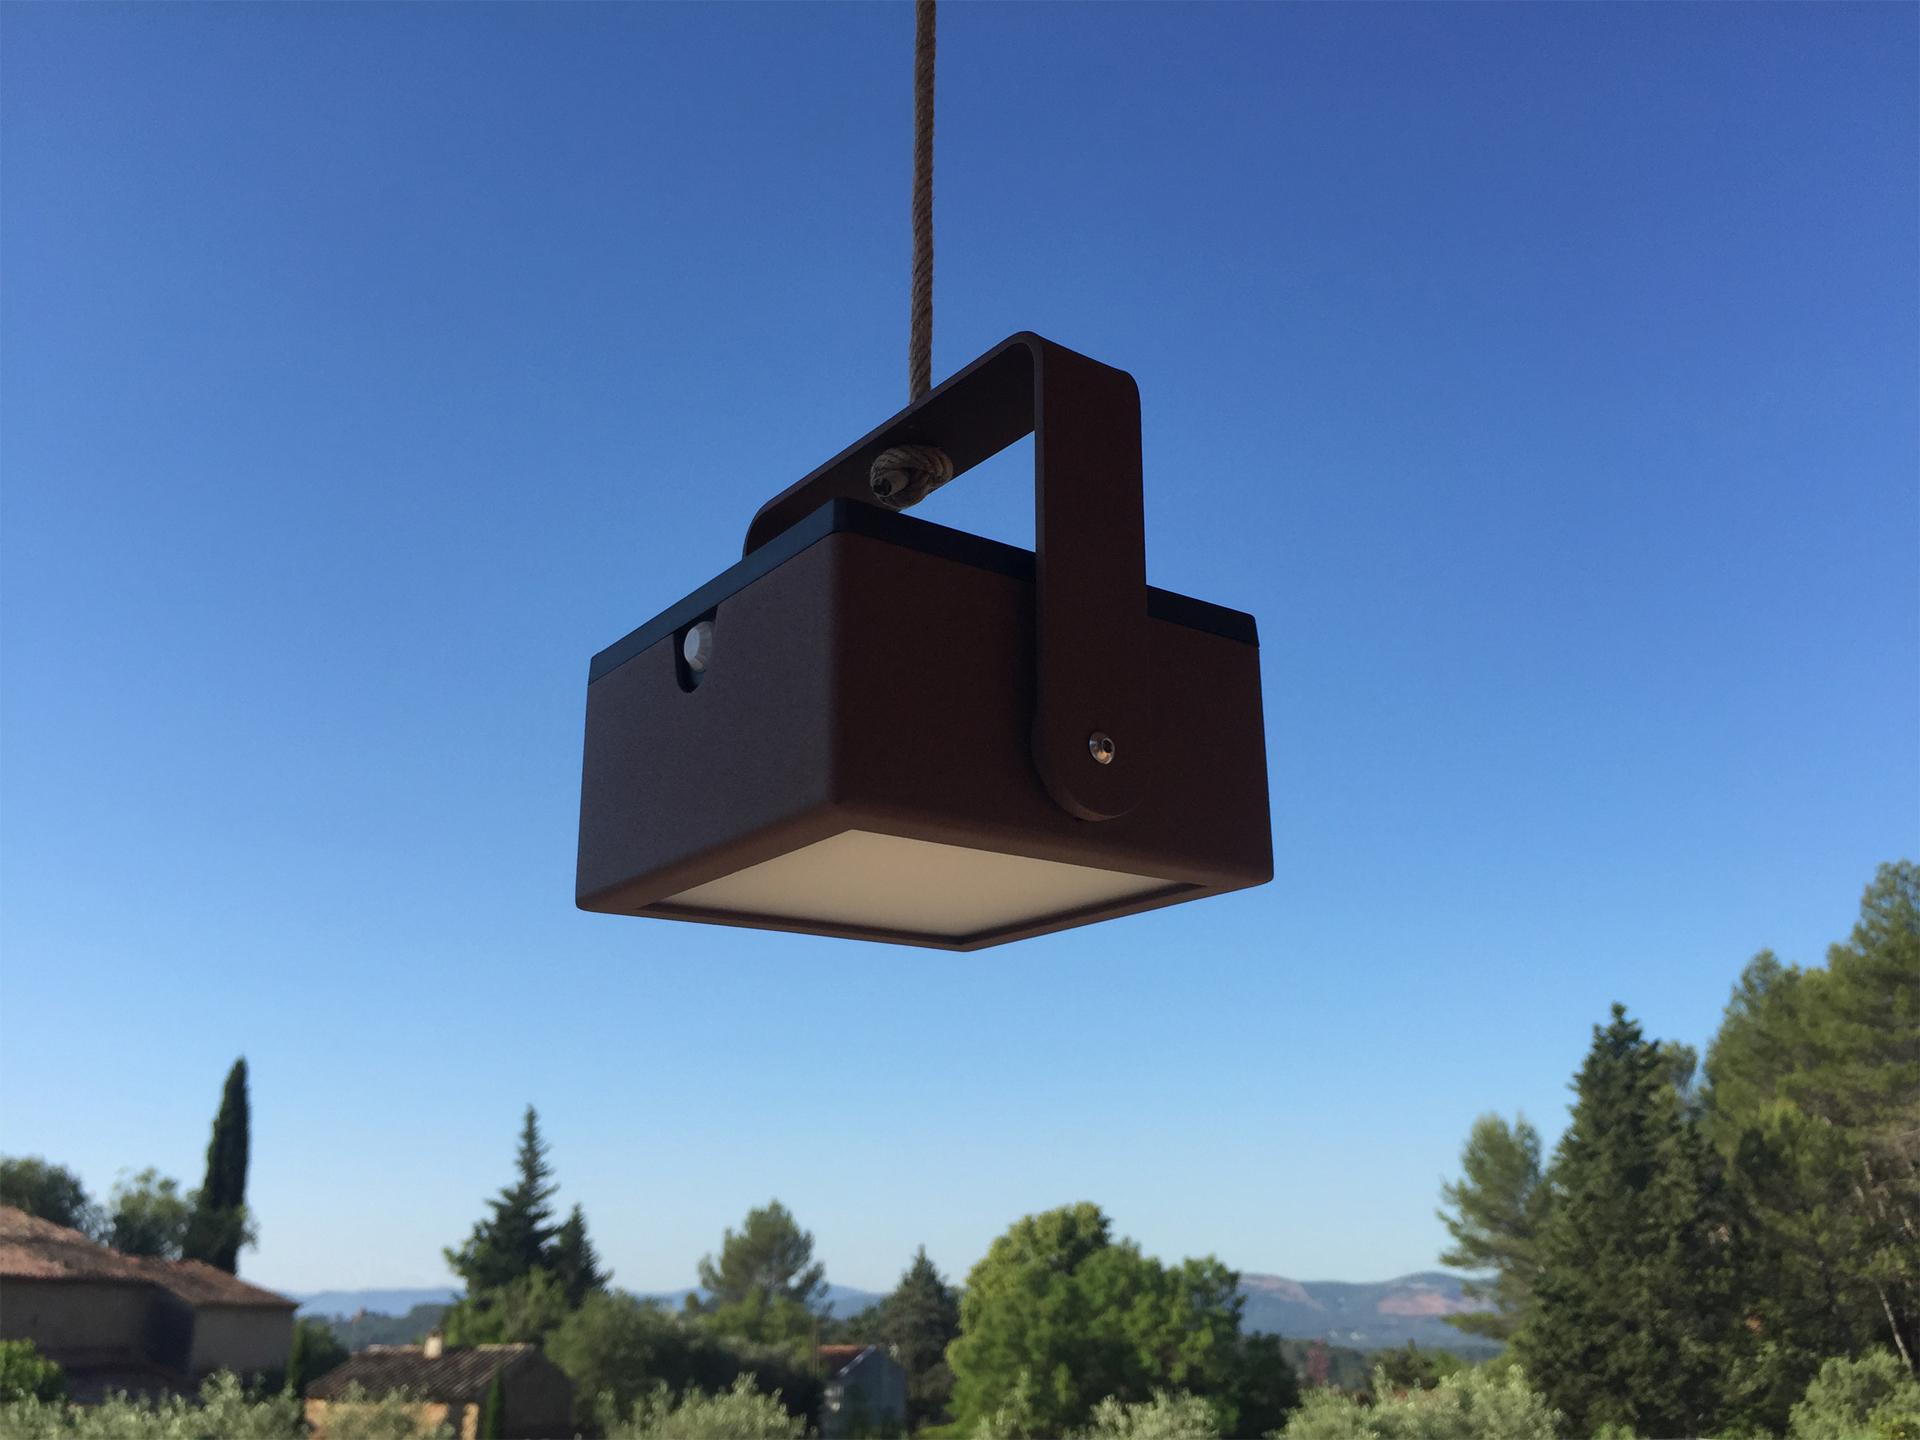 La lanterne extérieure LYXY est une lanterne extérieure solaire, elle compose avec les lanternes extérieures solaires, appliques murales solaires et bornes solaires la collection des luminaires extérieurs solaires LYX Luminaires. Cette lanterne extérieure est fabriquée en acier inoxydable. C'est une lampe extérieure solaire et lampe autonome, équipée d'un détecteur de présence / détecteur de mouvement. La lanterne solaire extérieure LYXY est idéale pour l'éclairage de jardin, l'éclairage de terrasses, l'éclairage de balcon. Lanterne extérieure design pour un éclairage moderne.